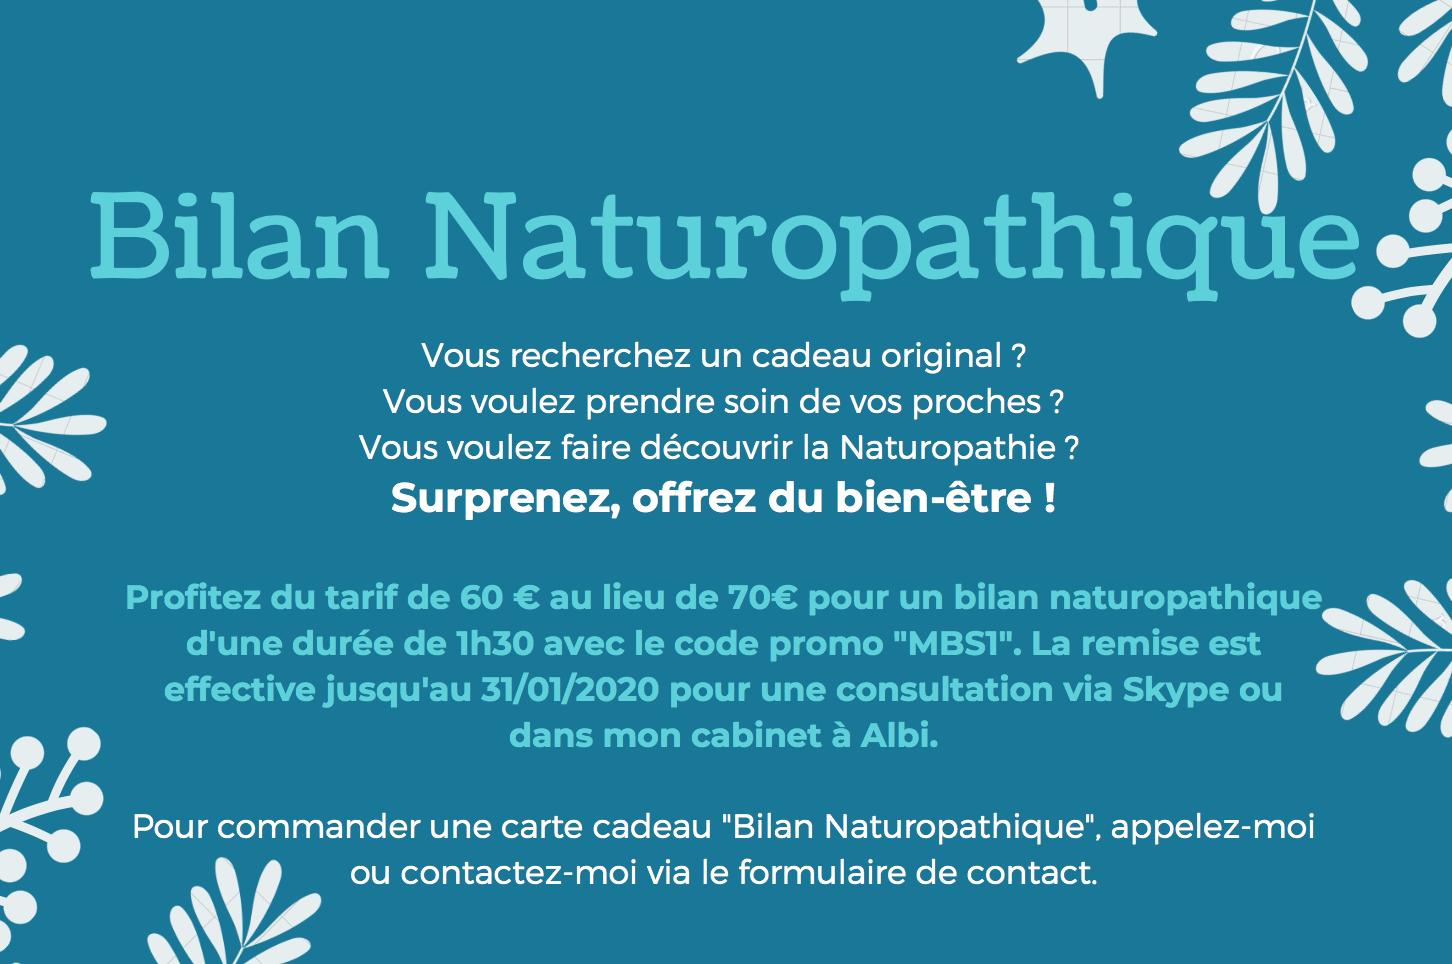 Offrez un bilan naturopathique